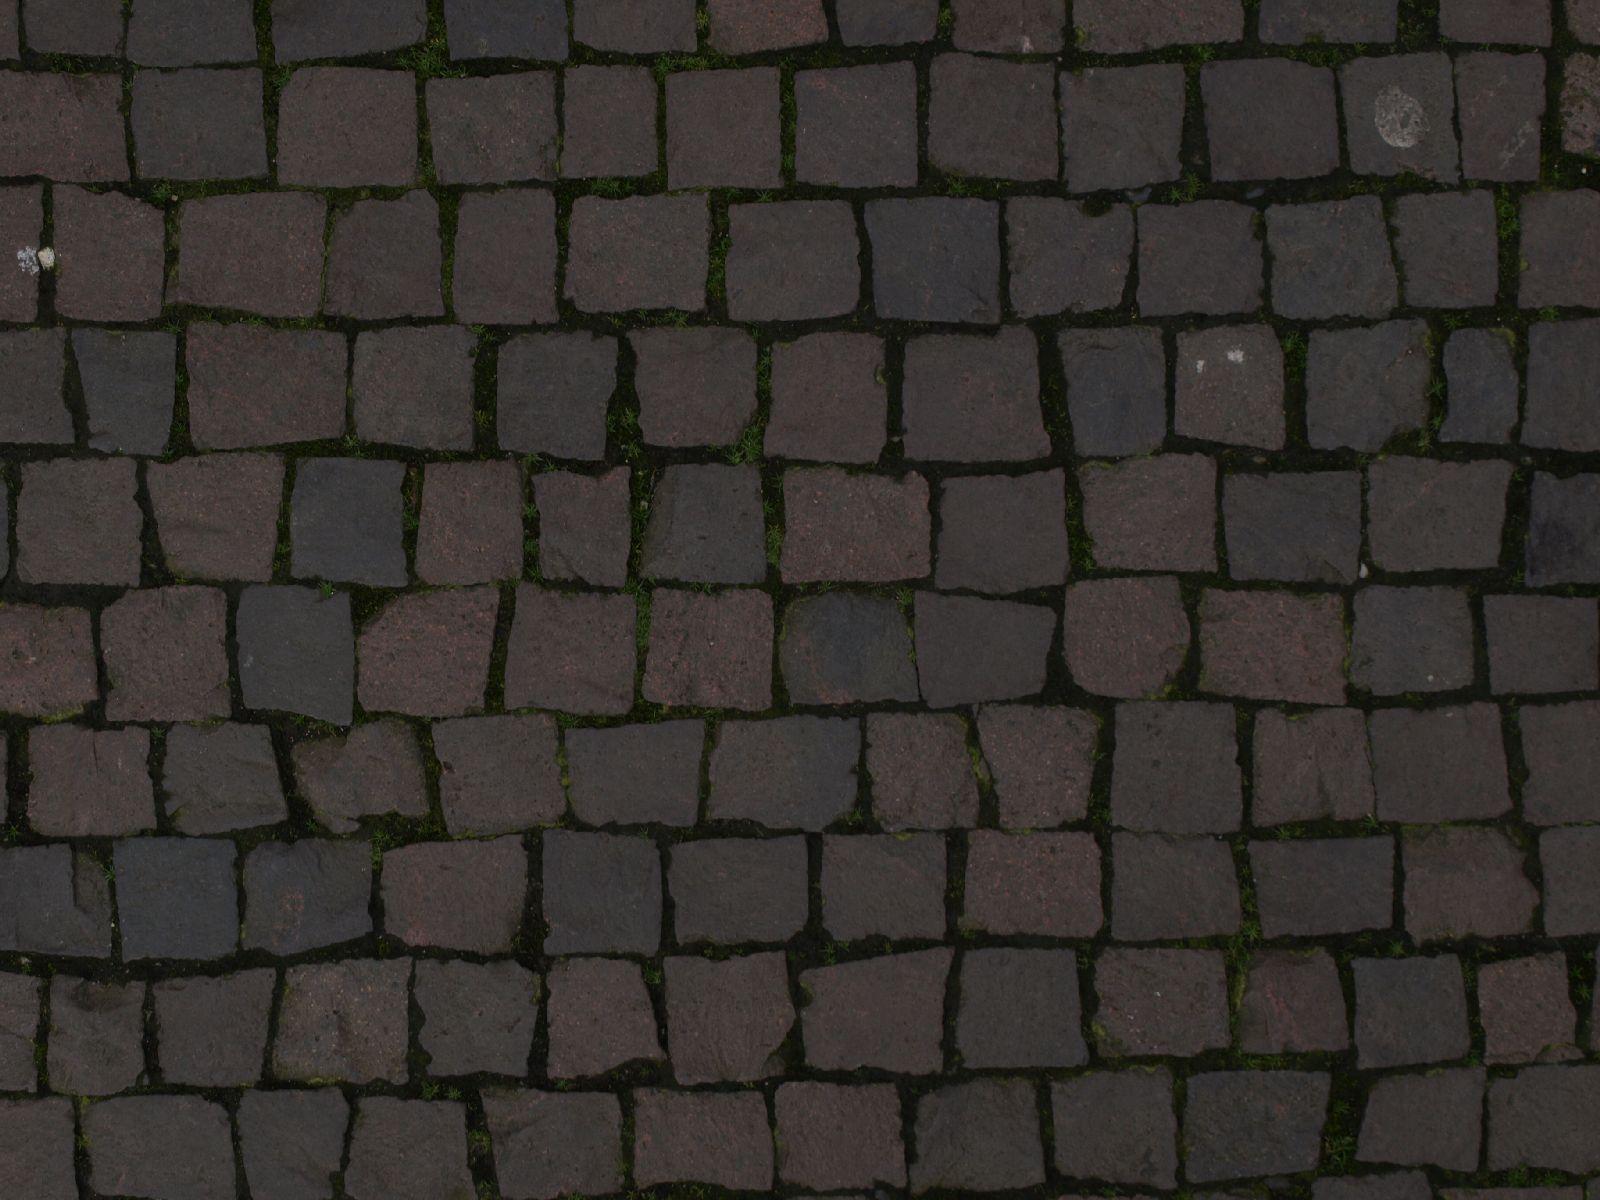 Ground-Urban_Texture_A_P4110611